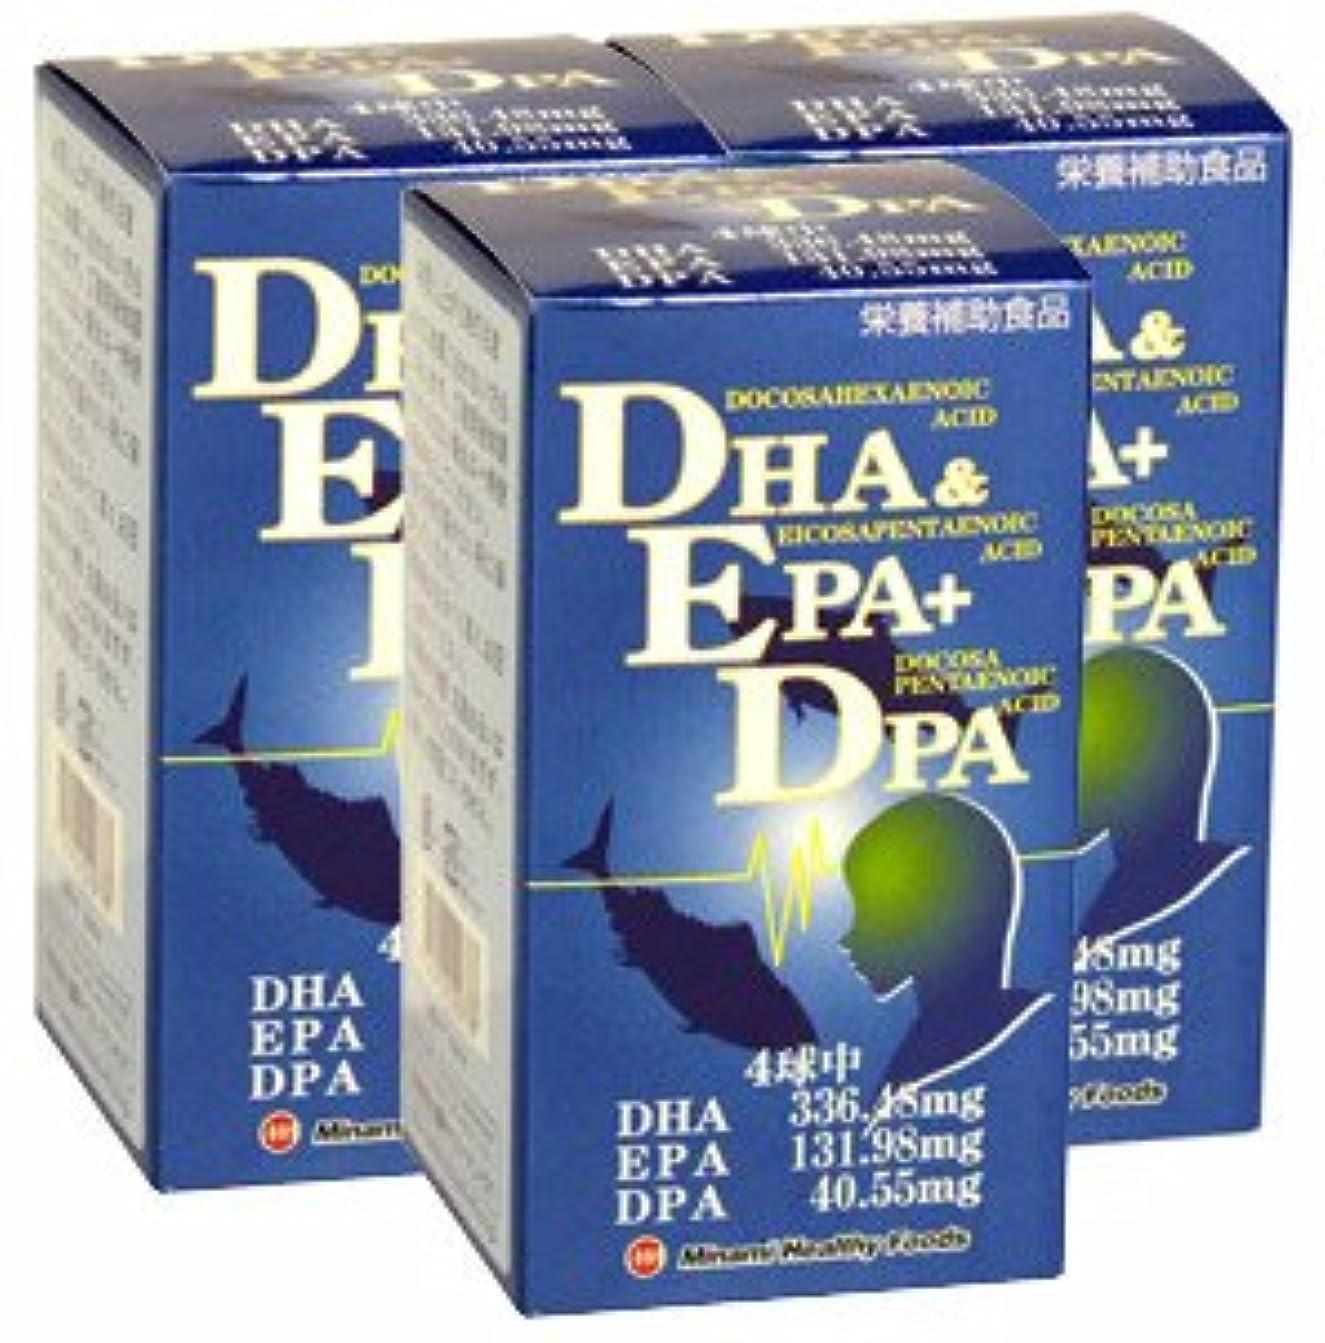 サイト振動させる思春期のDHA&EPA+DPA【3本セット】ミナミヘルシーフーズ